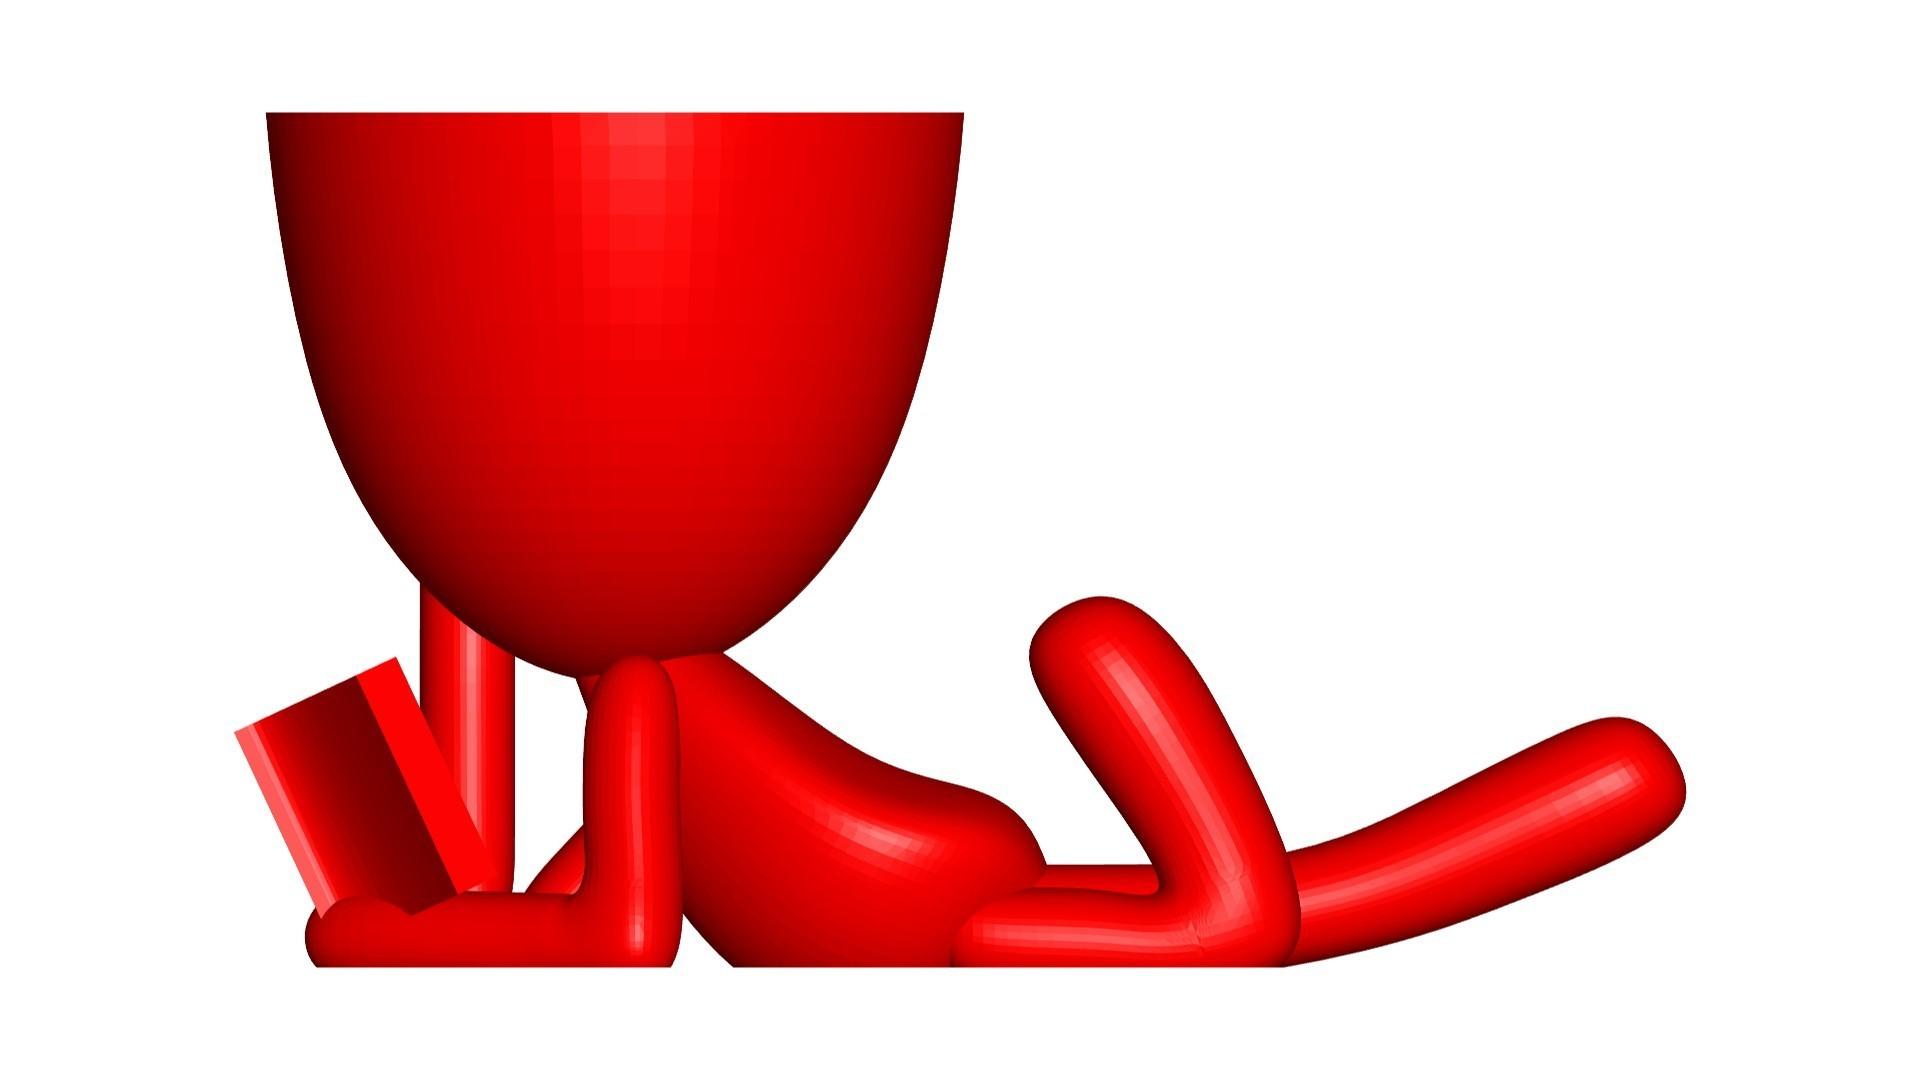 Vaso_101_Leyendo Libro_2.jpg Télécharger fichier STL gratuit Vase Pot de fleurs Robert lisant un livre • Plan imprimable en 3D, CREATIONSISHI